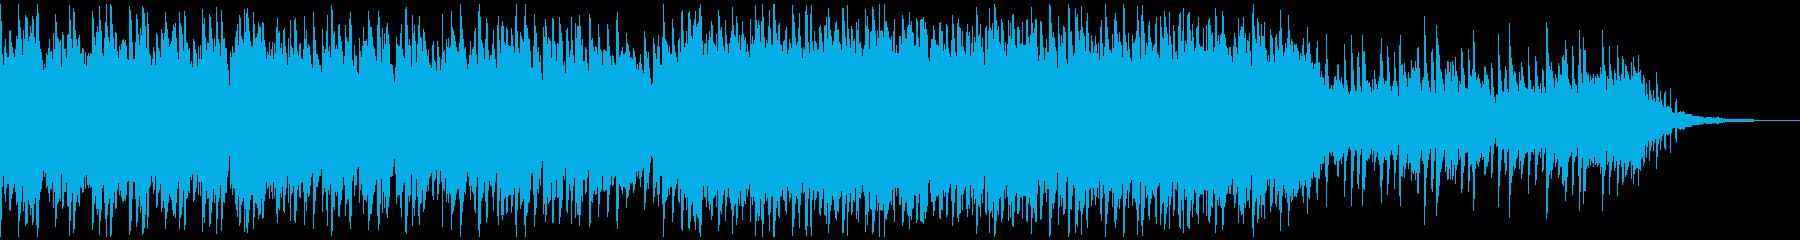 アコースティックピアノ&ギター 伴奏風曲の再生済みの波形